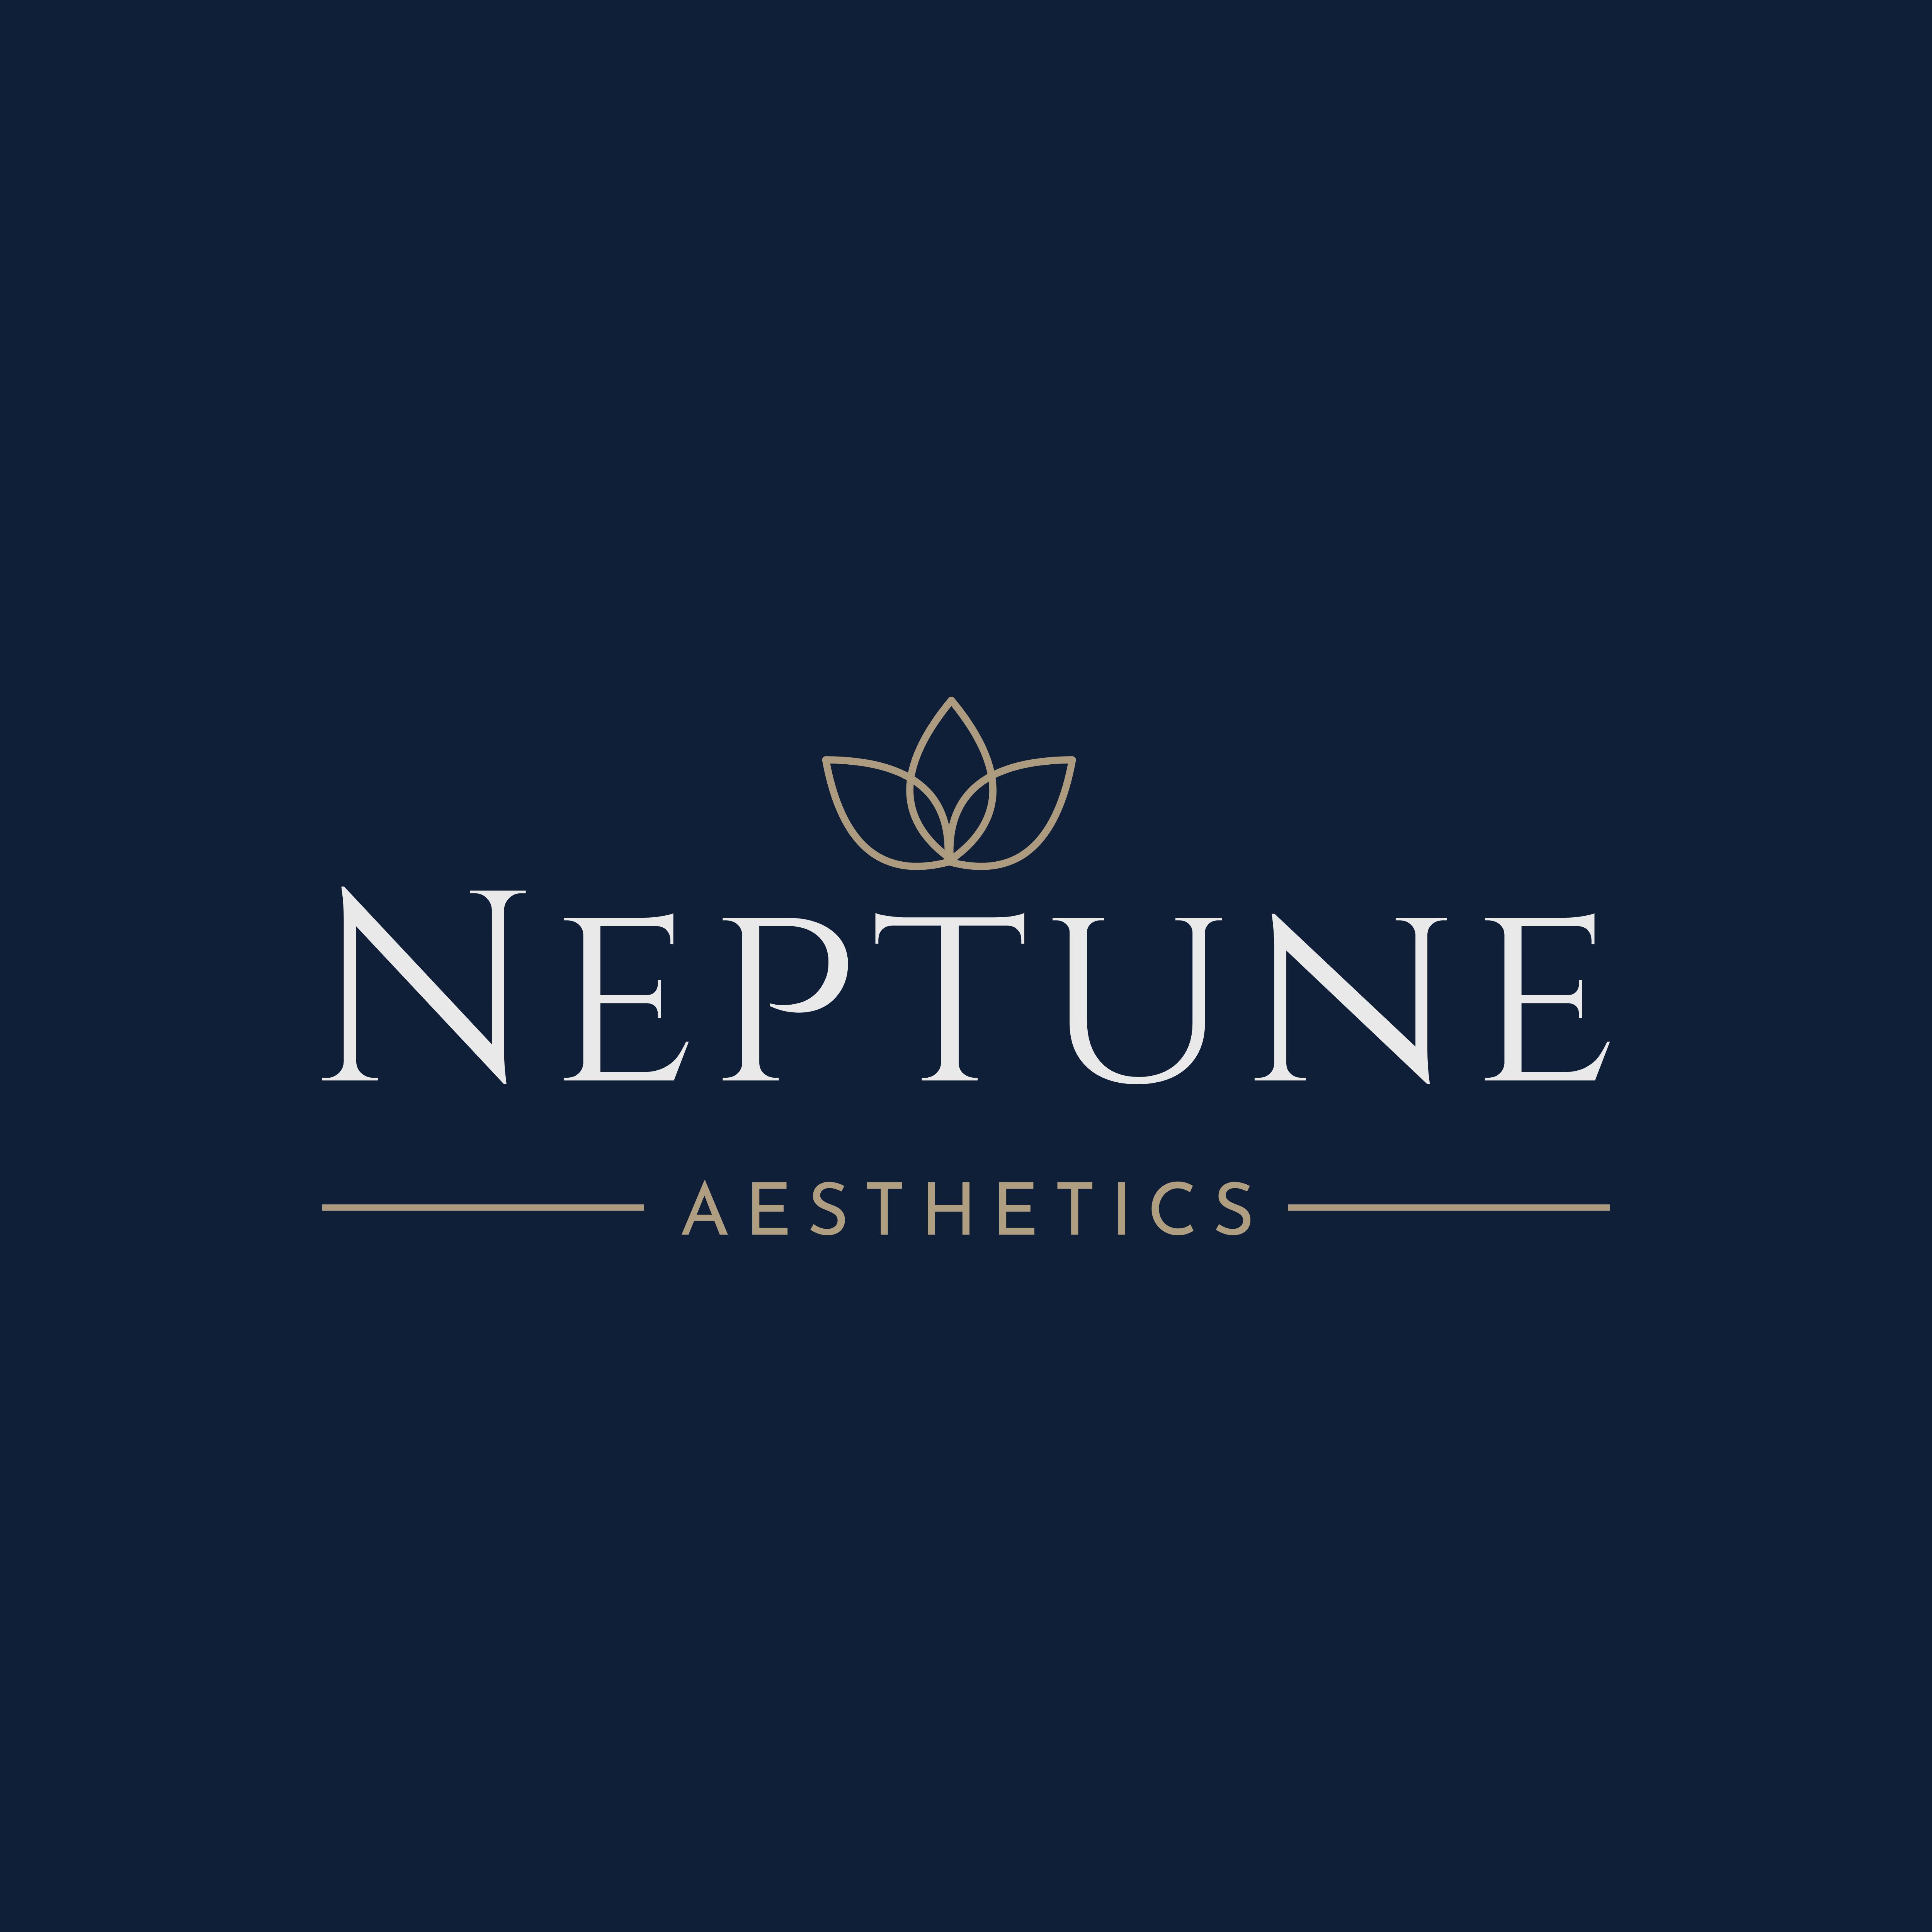 Neptune Aesthetics